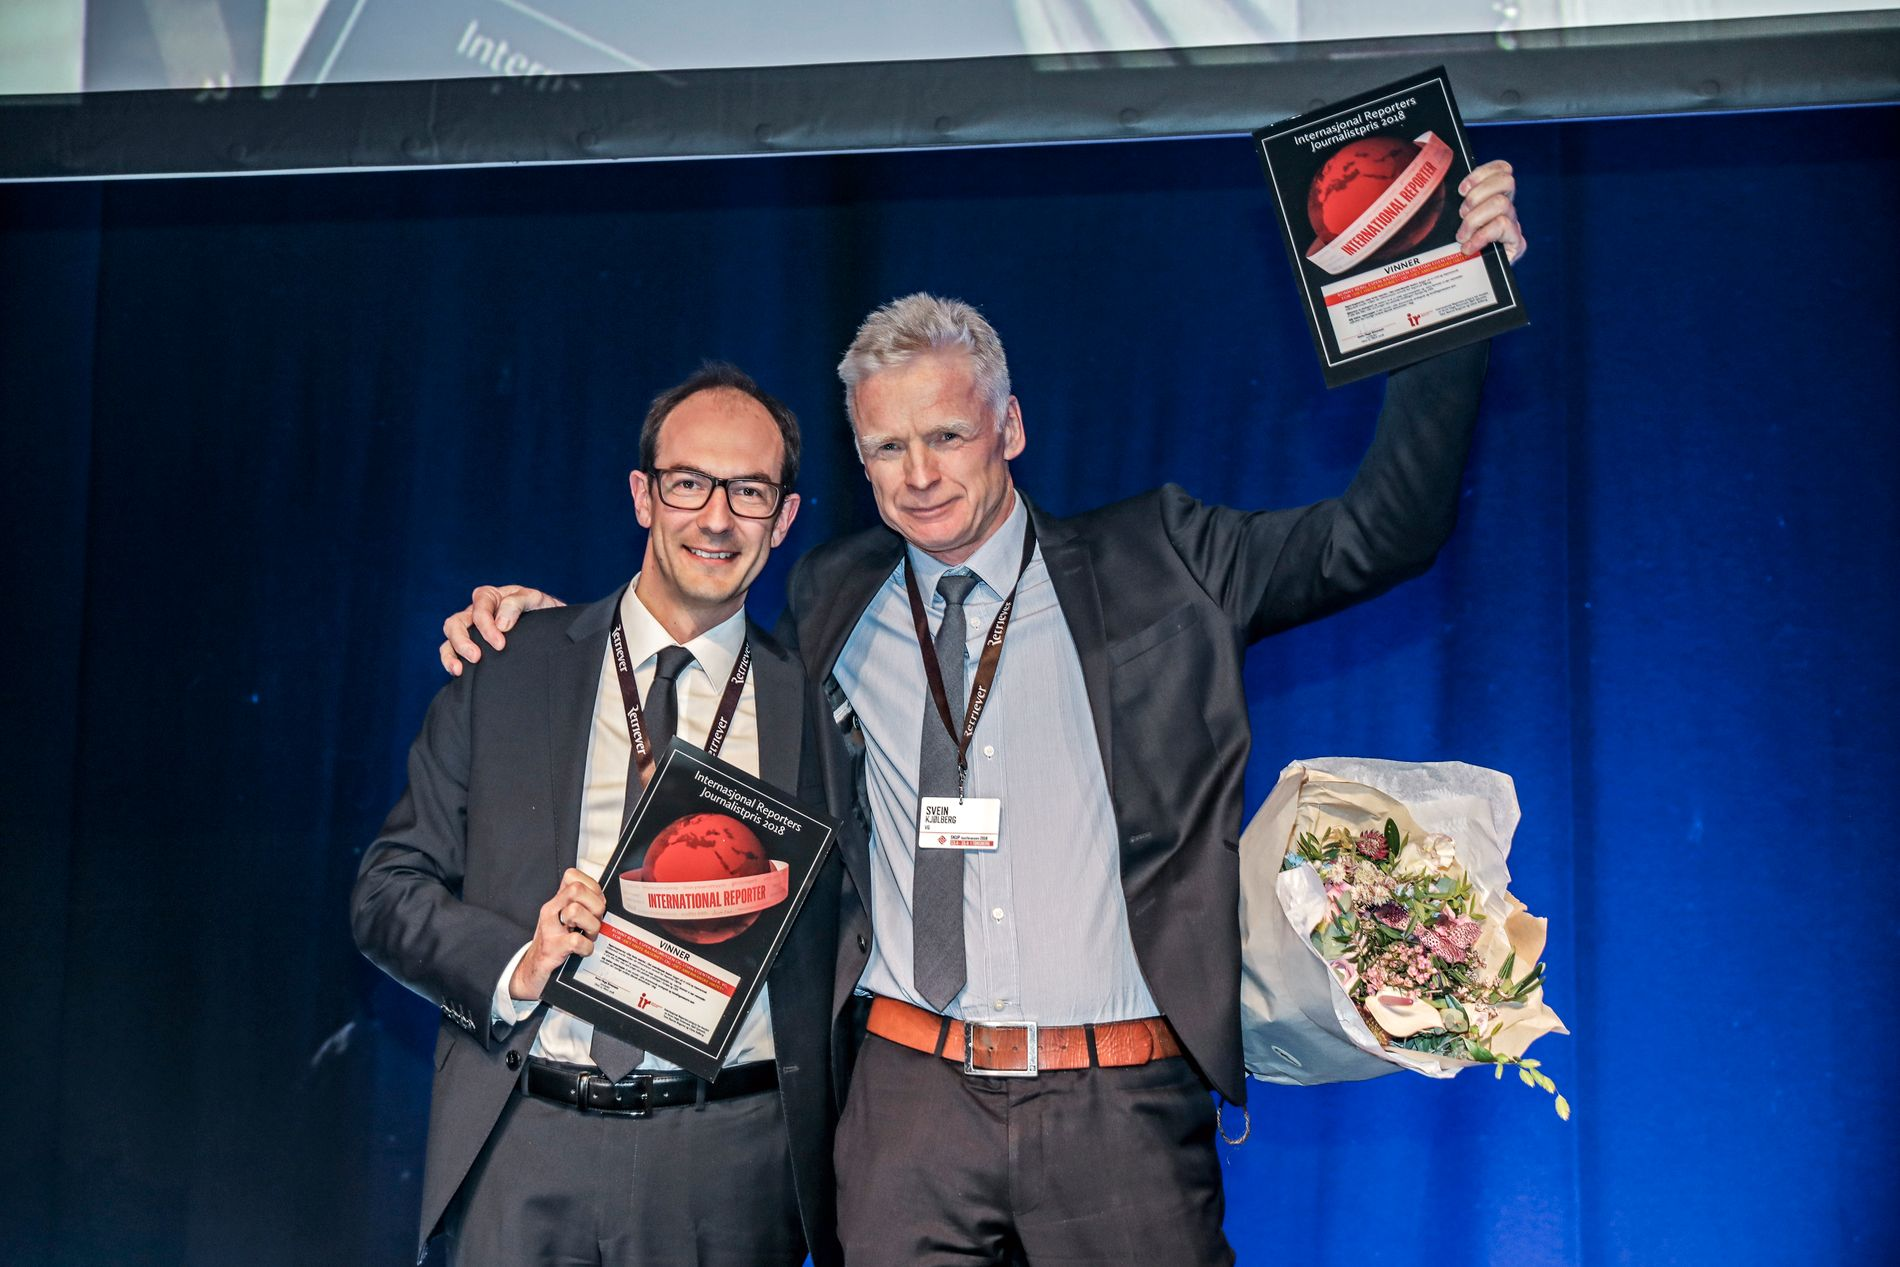 VINNERE: Stian Eisenträger og Svein Kjølberg tok imot prisen under SKUP-konferansen i Tønsberg.